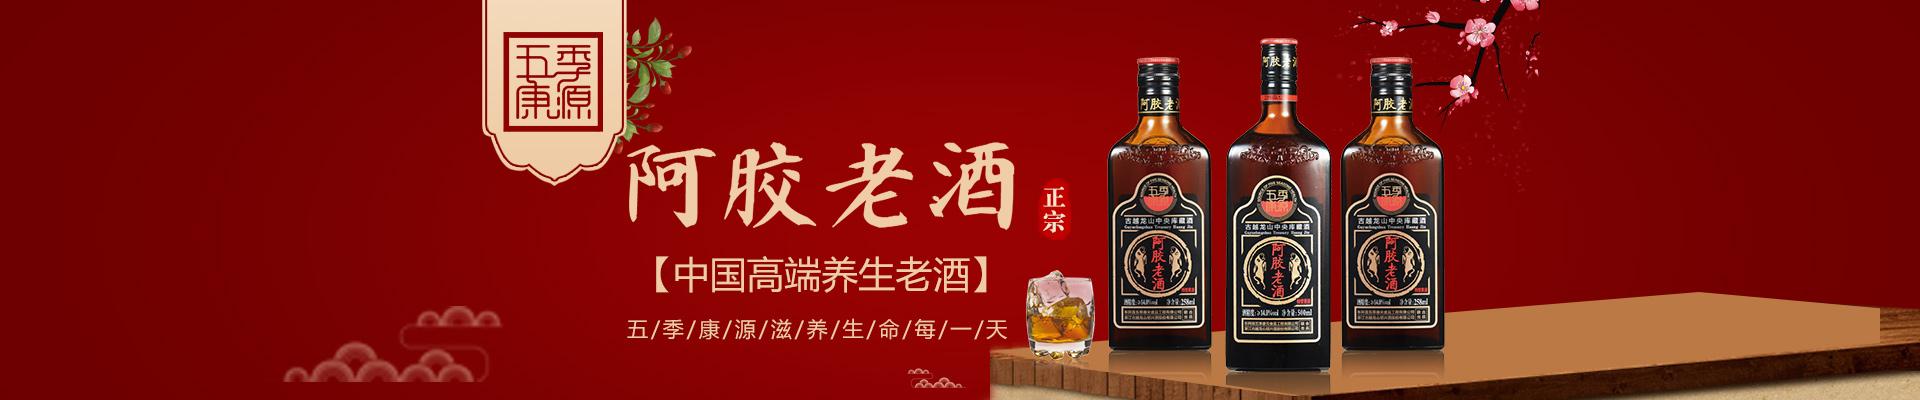 东阿县五季康元食品工程有限公司